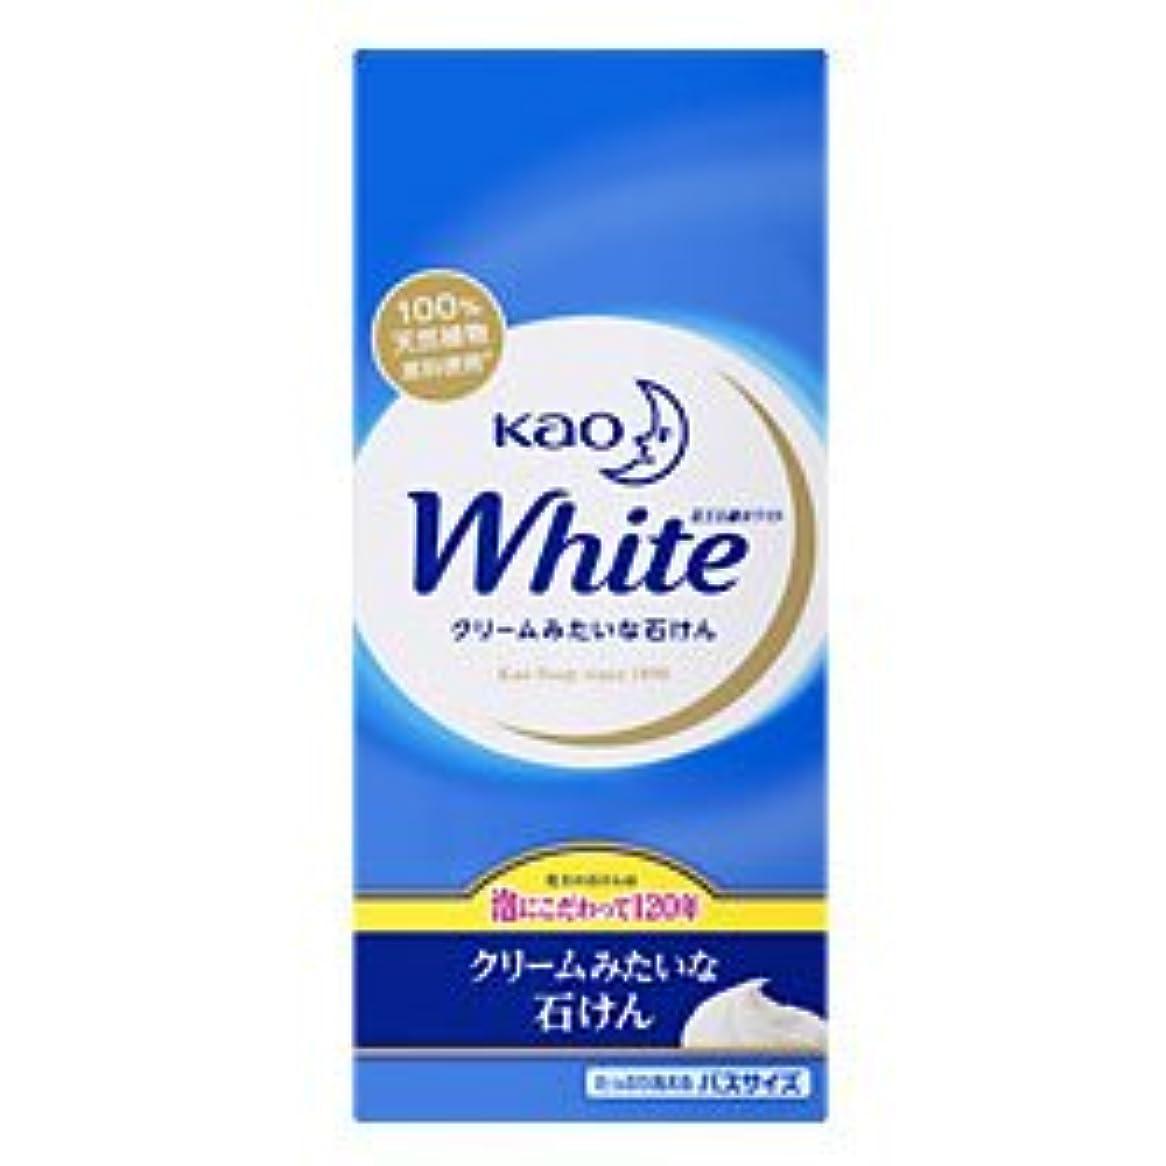 別の認可ラッカス【花王】花王ホワイト バスサイズ 130g×6個 ×10個セット